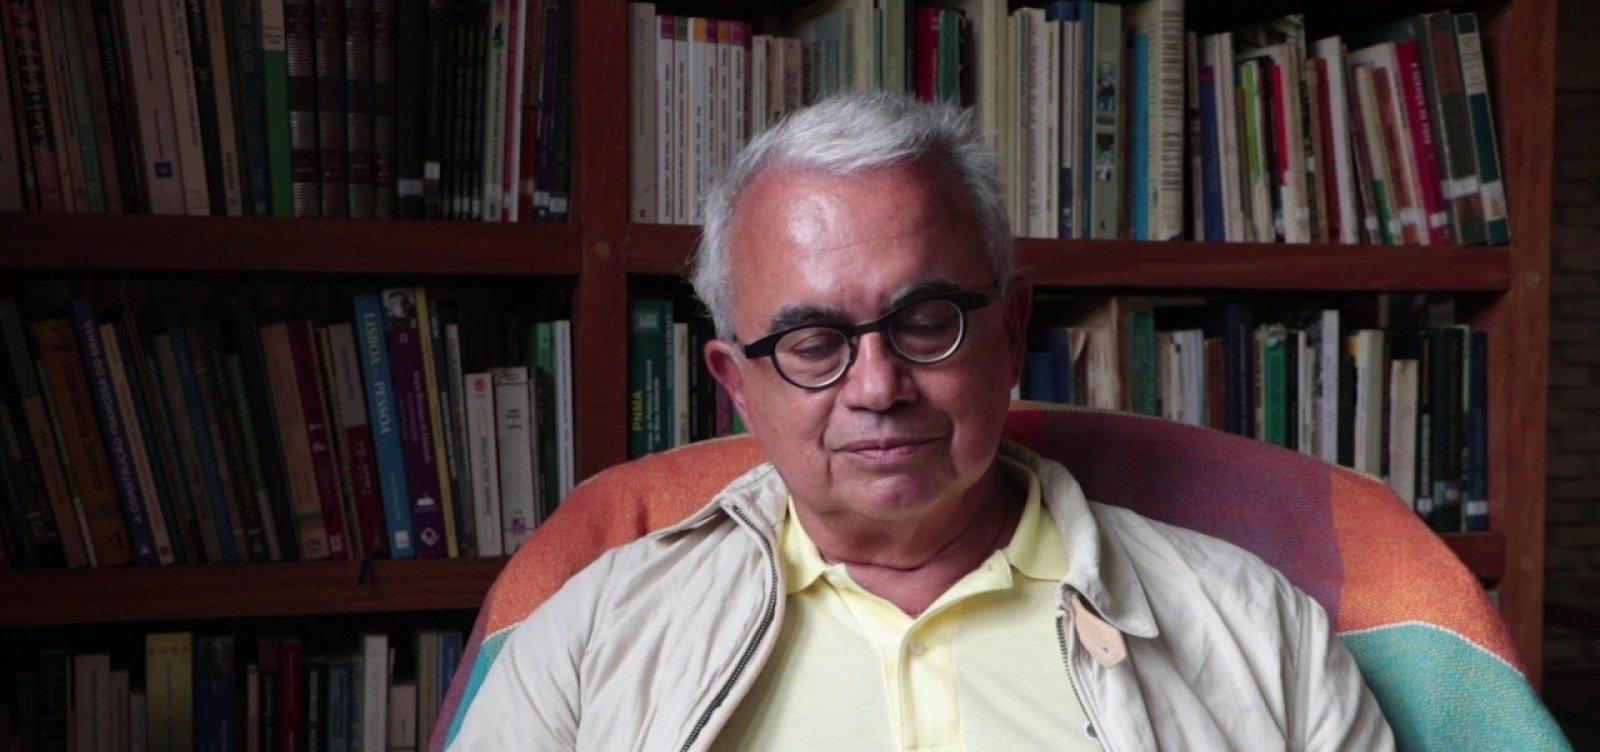 [Presidente do Vox Populi critica auxílio emergencial de R$ 200: 'Pouco mais que nada']